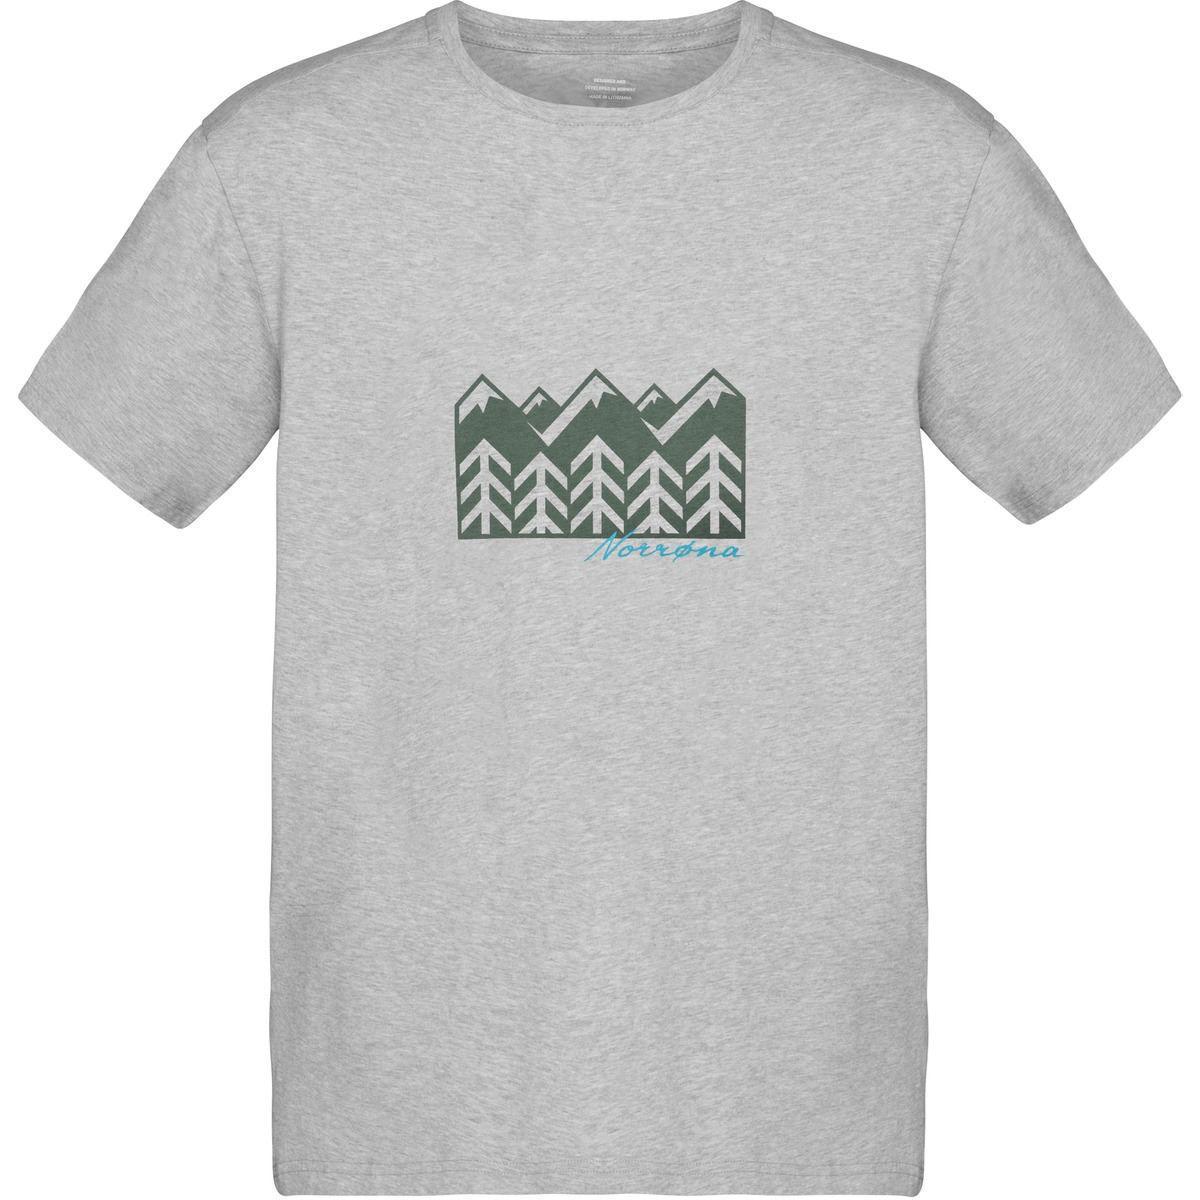 Bilde av /29 cotton forest T-Shirt M's